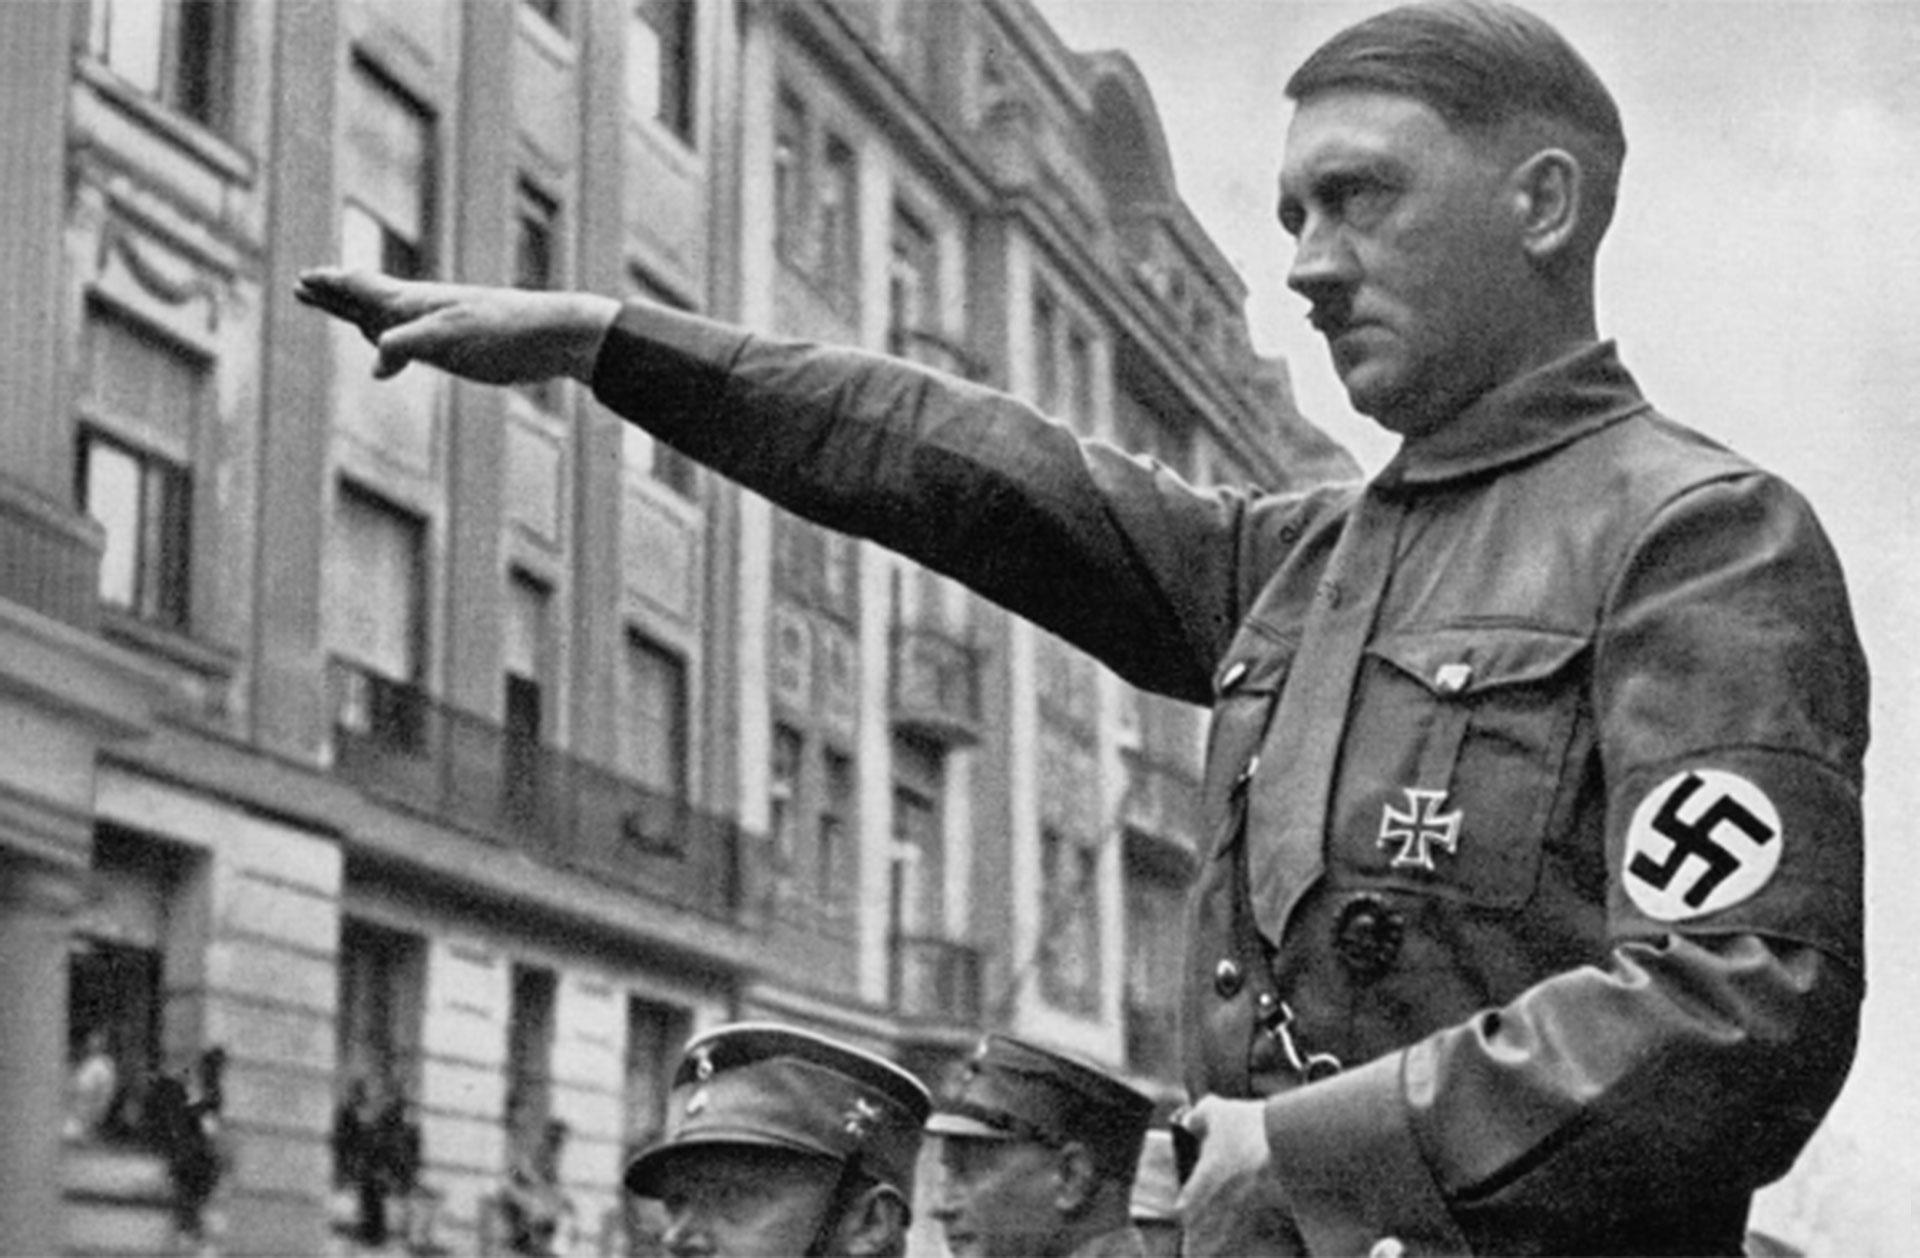 El éxito de la operación enfureció a Hitler; pocos meses después su Afriakorps sería expulsado del norte de África (Getty)